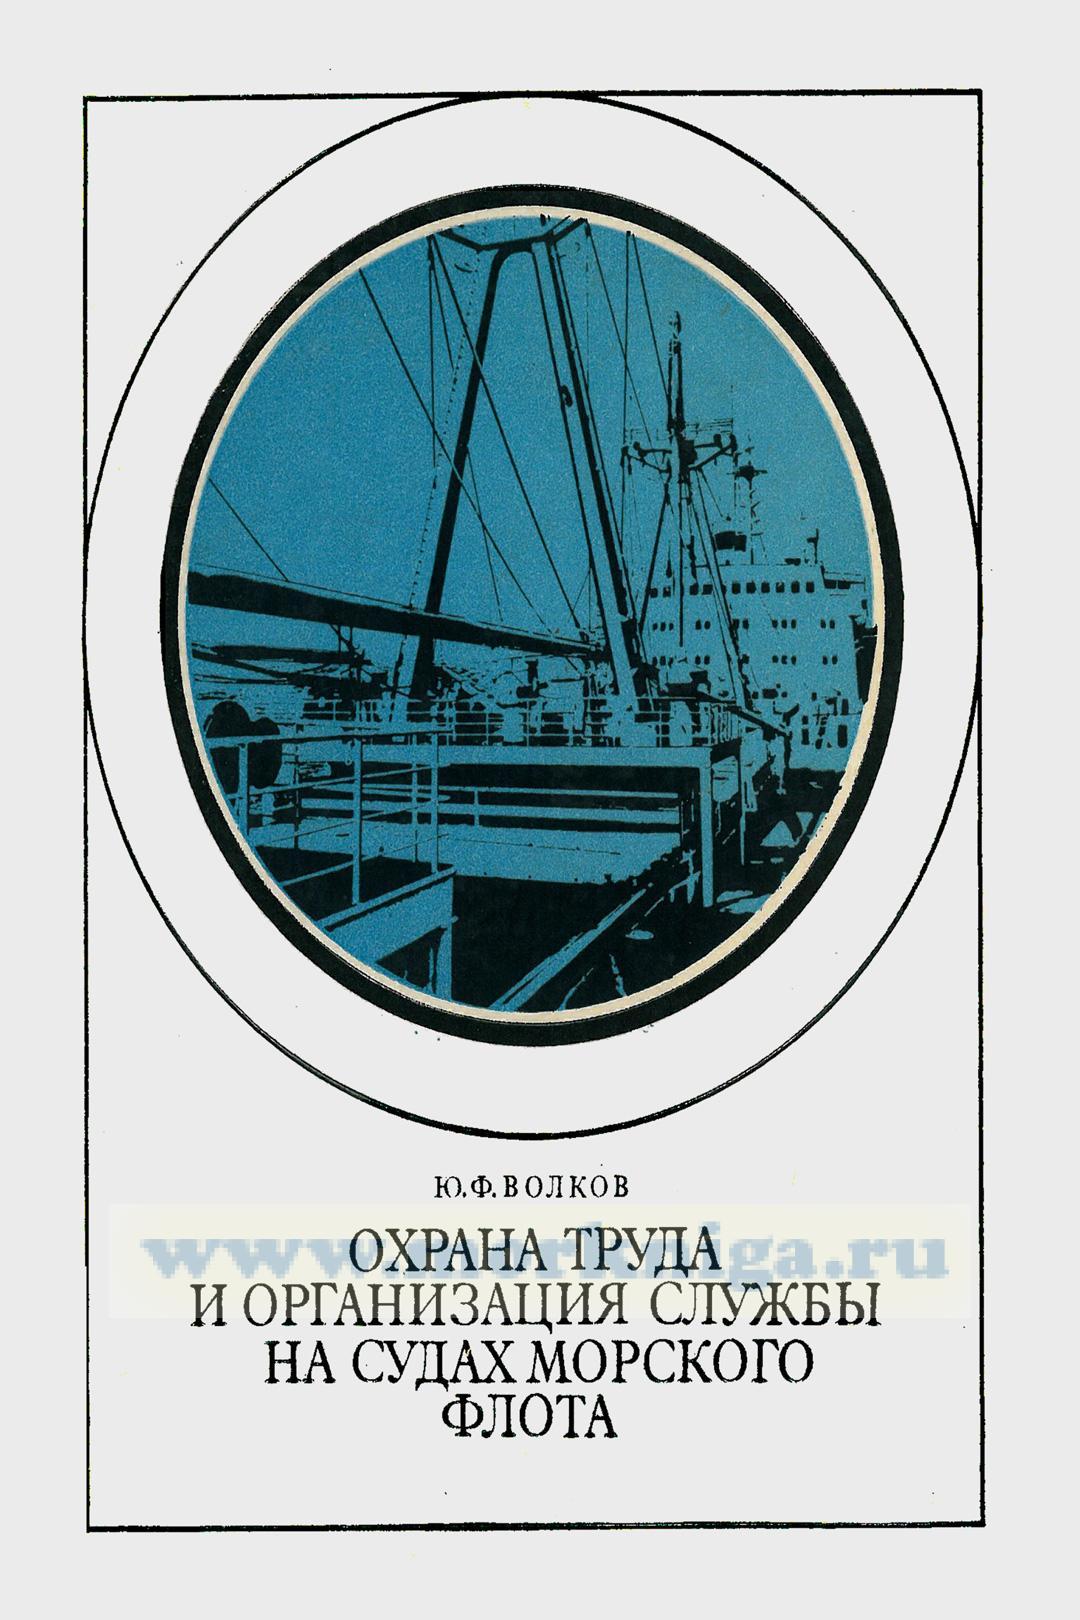 Охрана труда и организация службы на судах морского флота. Учебное пособие